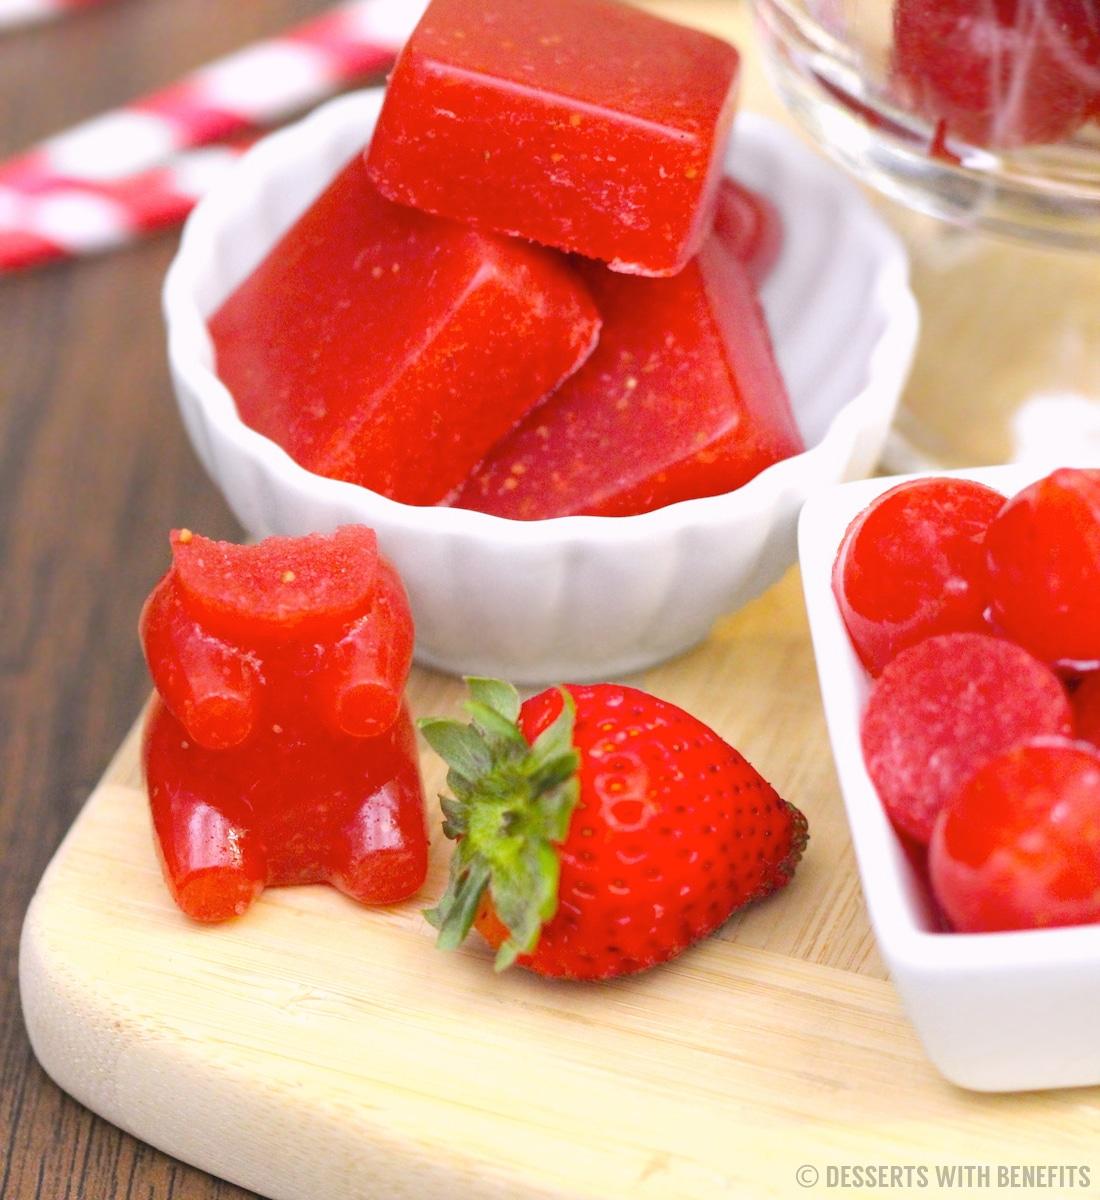 healthy fruit desserts no sugar fruit in season december